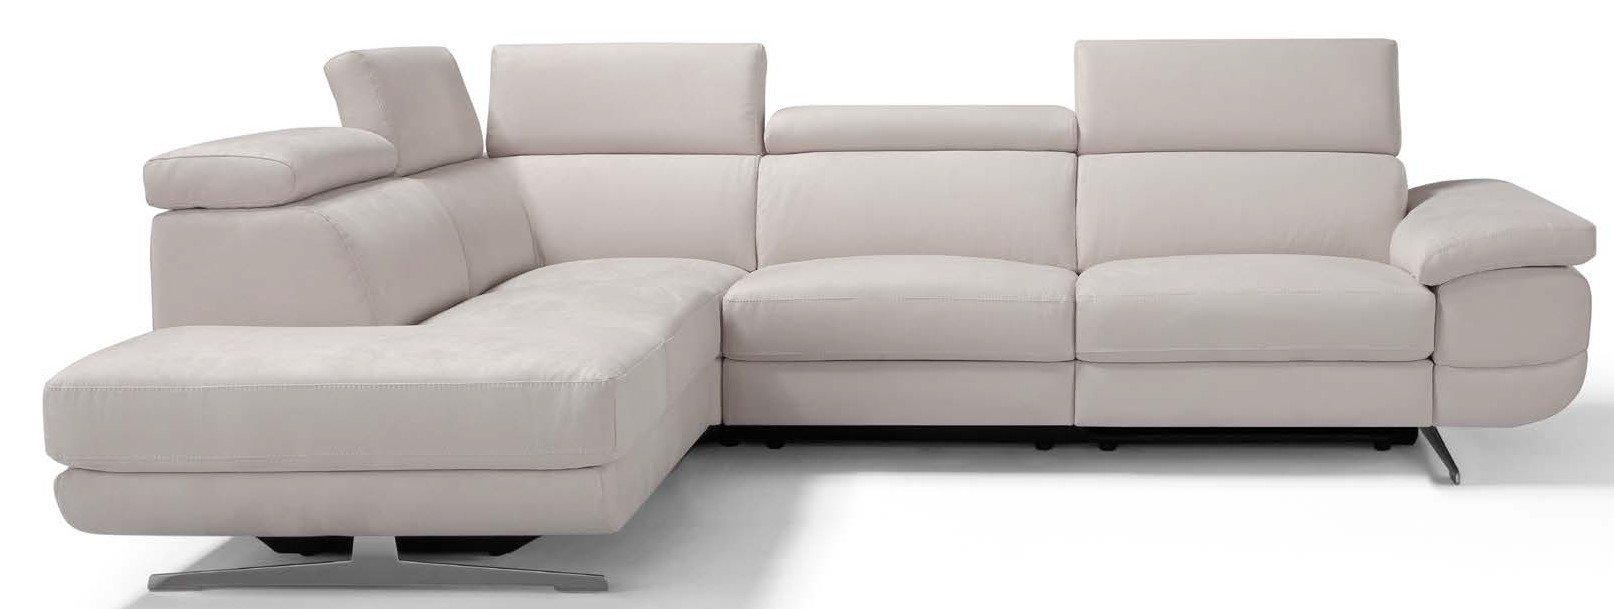 divano relax ad beige angolo mobilificio torino e rivoli